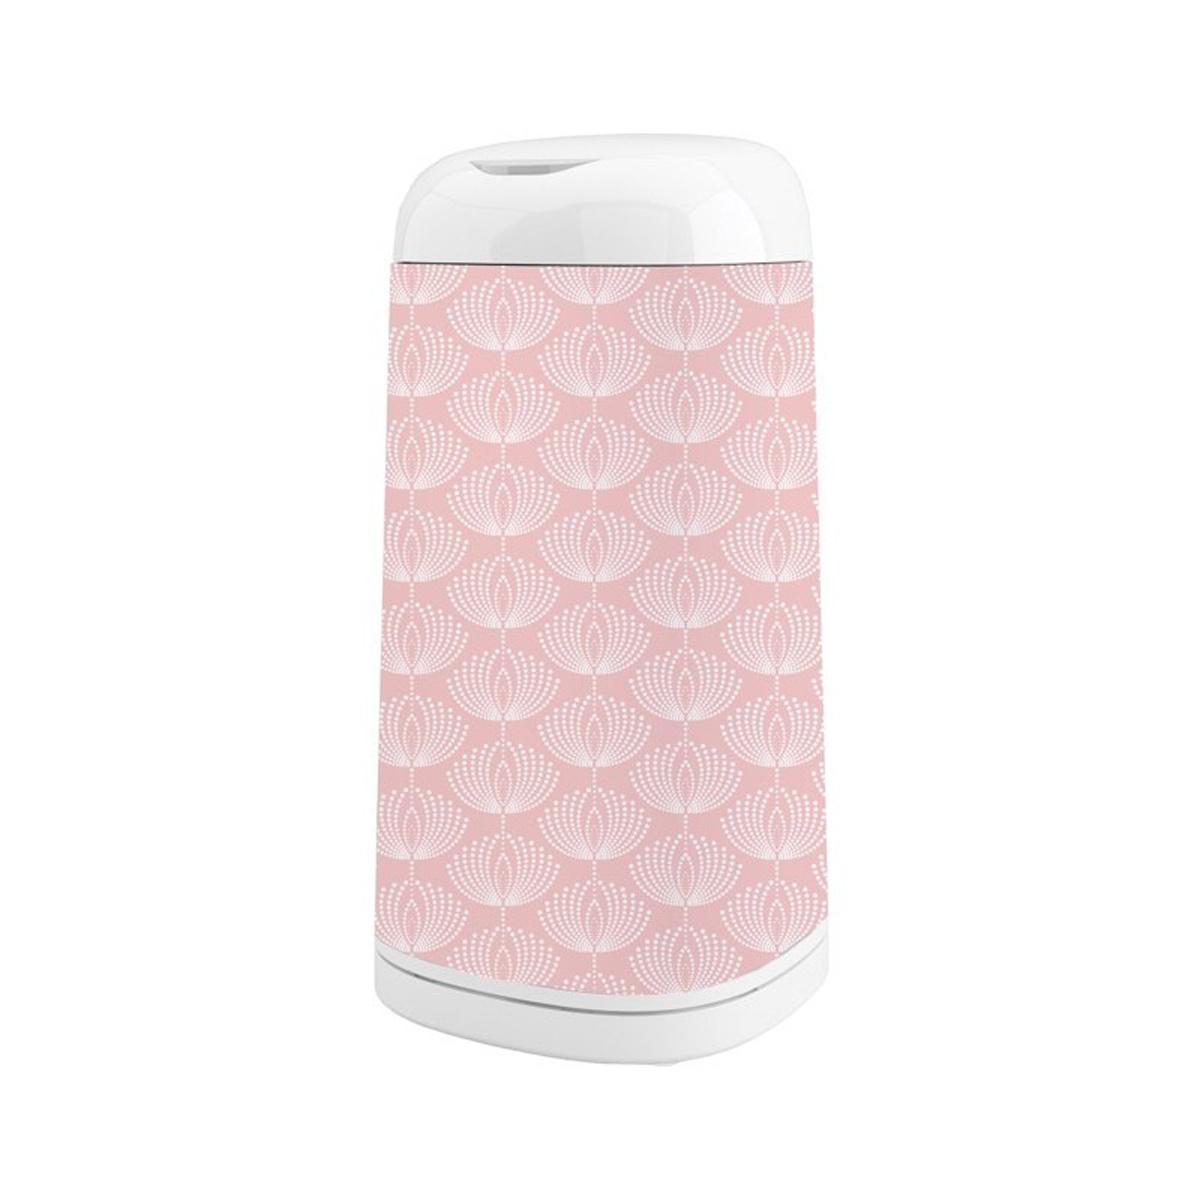 Couche Housse pour Poubelle Dress Up - Fleurs / Rose Housse pour Poubelle Dress Up - Fleurs / Rose